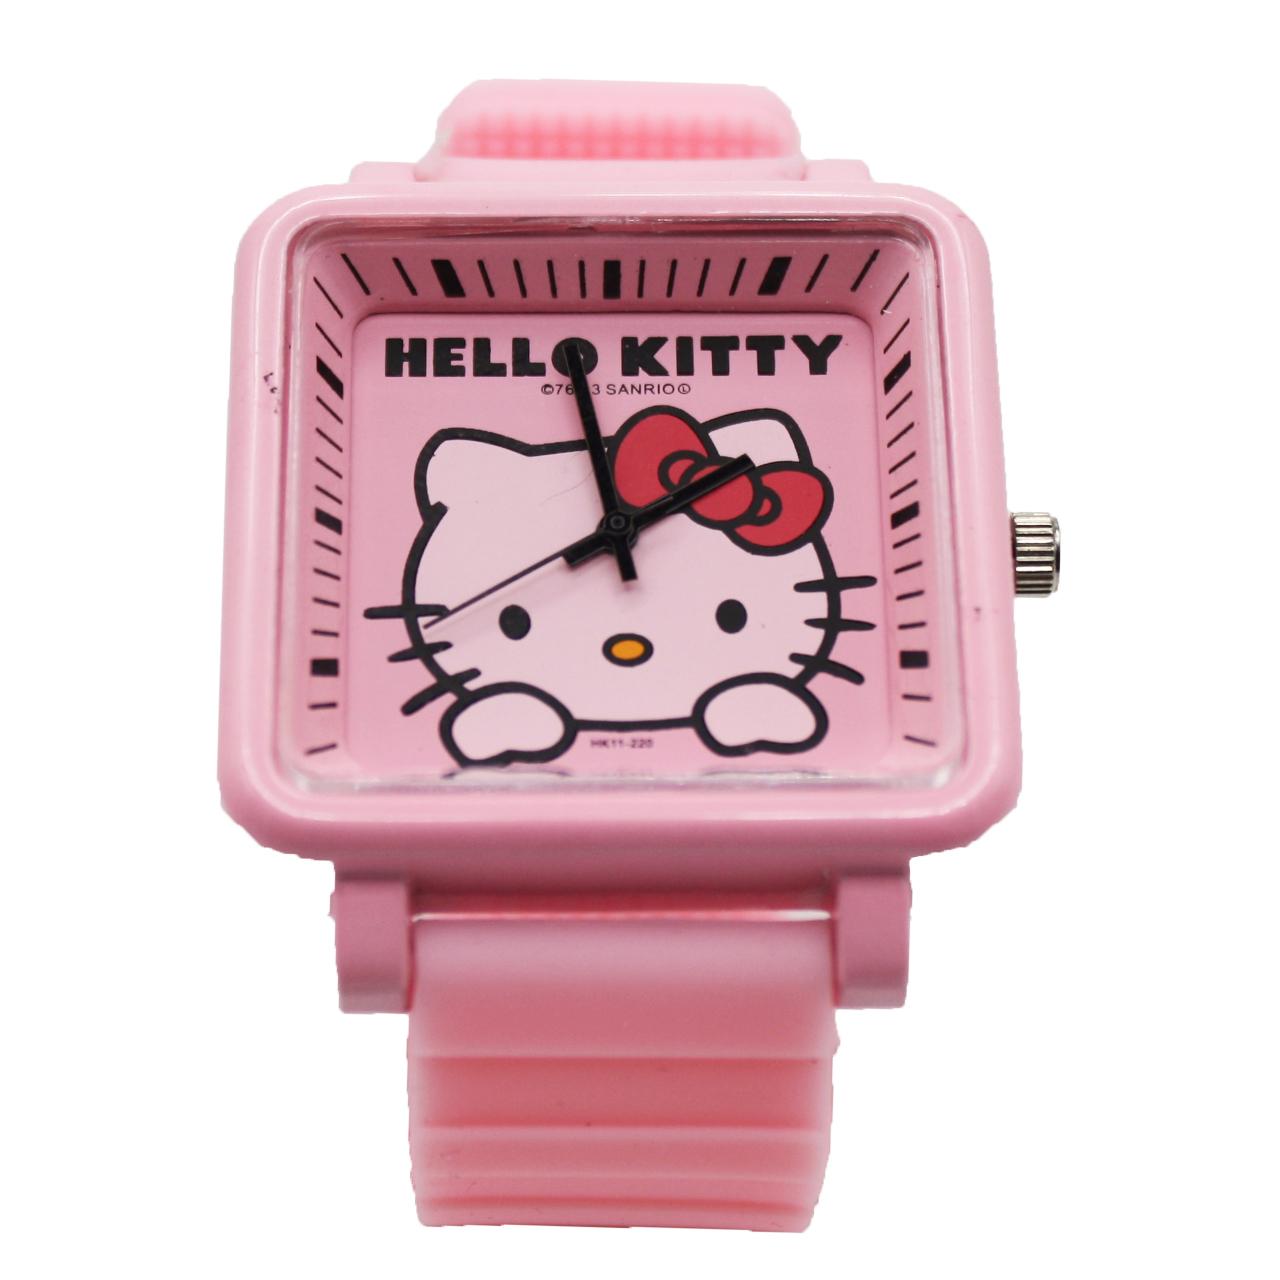 خرید ساعت مچی عقربه ای بچه گانه هلو کیتی  مدل AF20